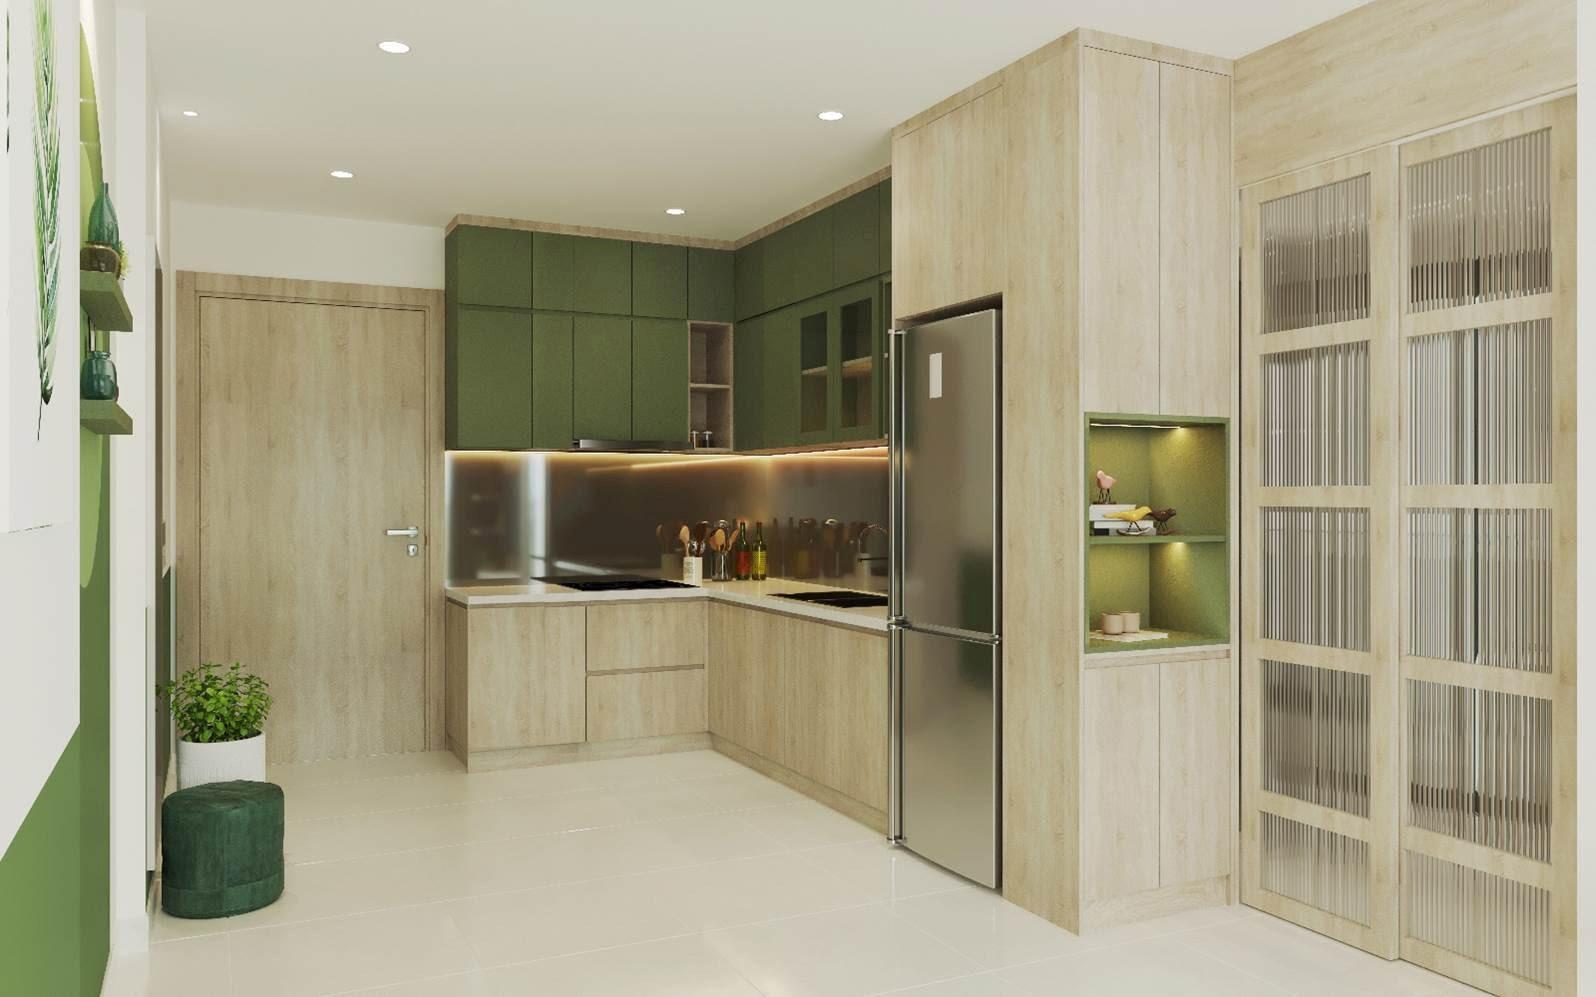 Sử dụng màu sắc nổi bật tạo điểm nhấn cho không gian bếp